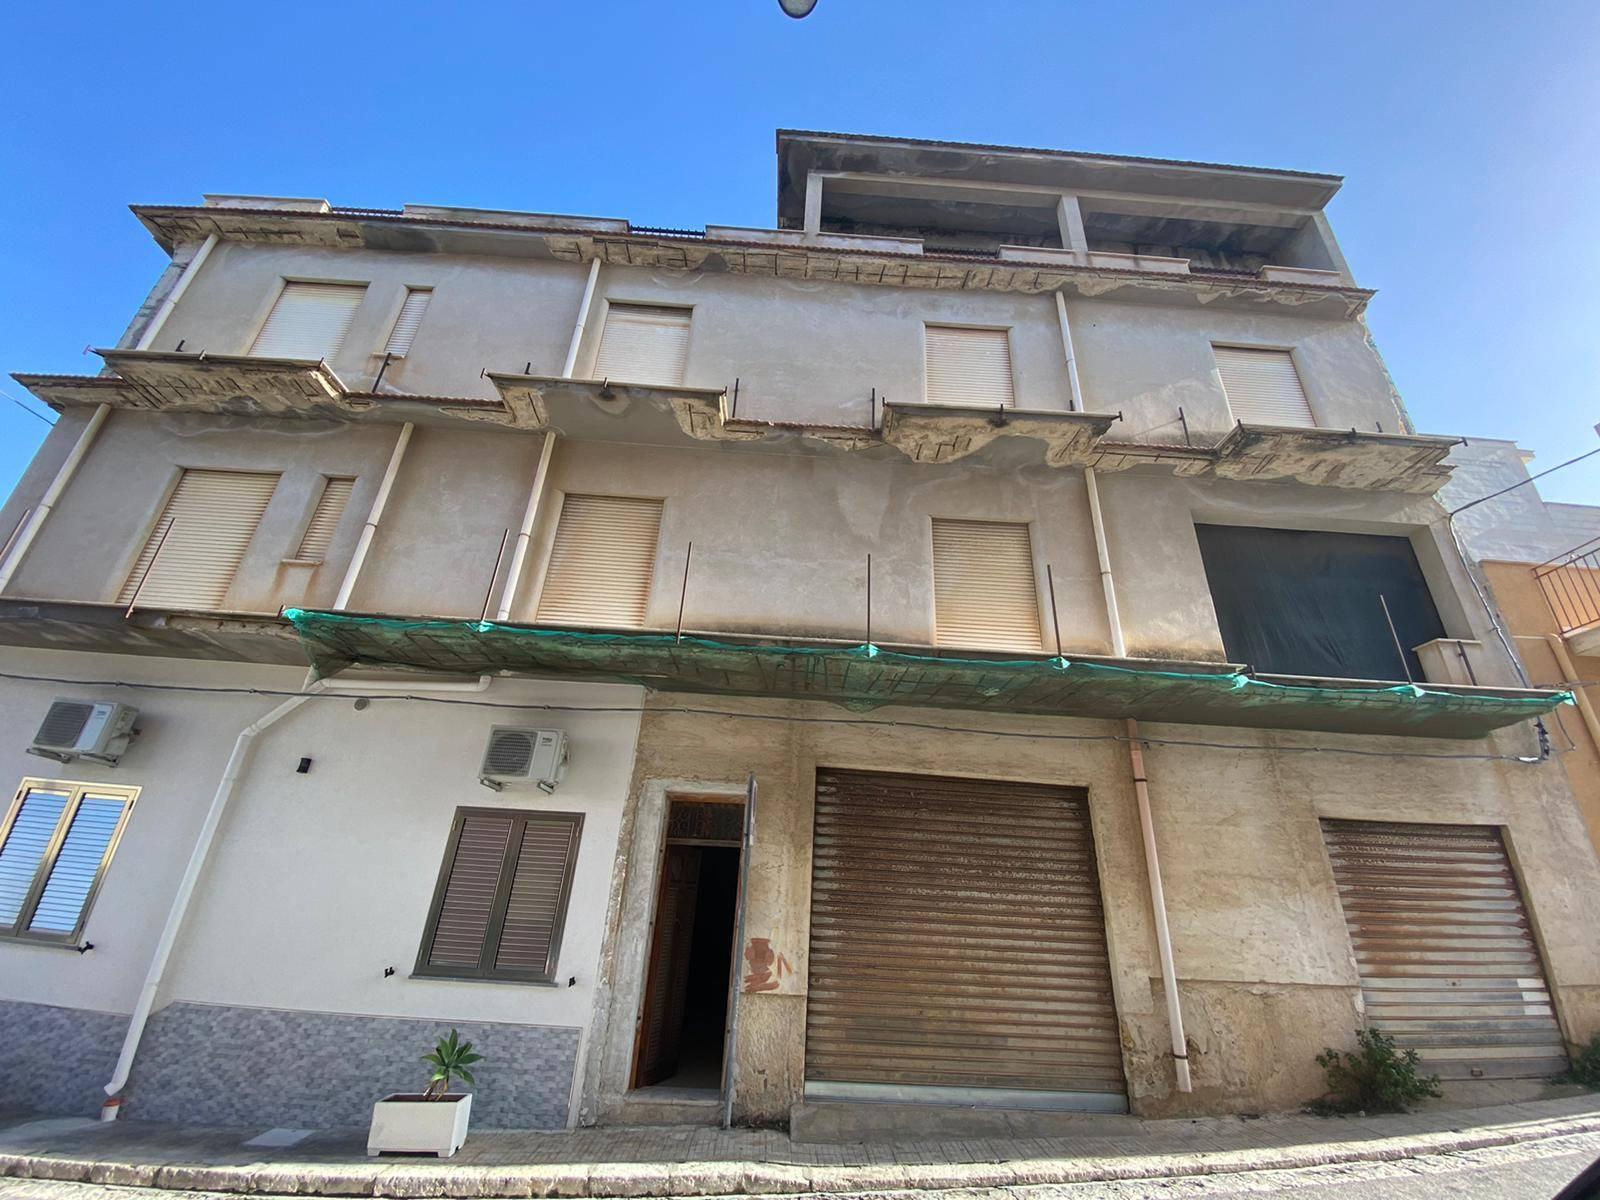 Appartamento in vendita a Balestrate, 3 locali, zona Località: BALESTRATE, prezzo € 45.000 | PortaleAgenzieImmobiliari.it